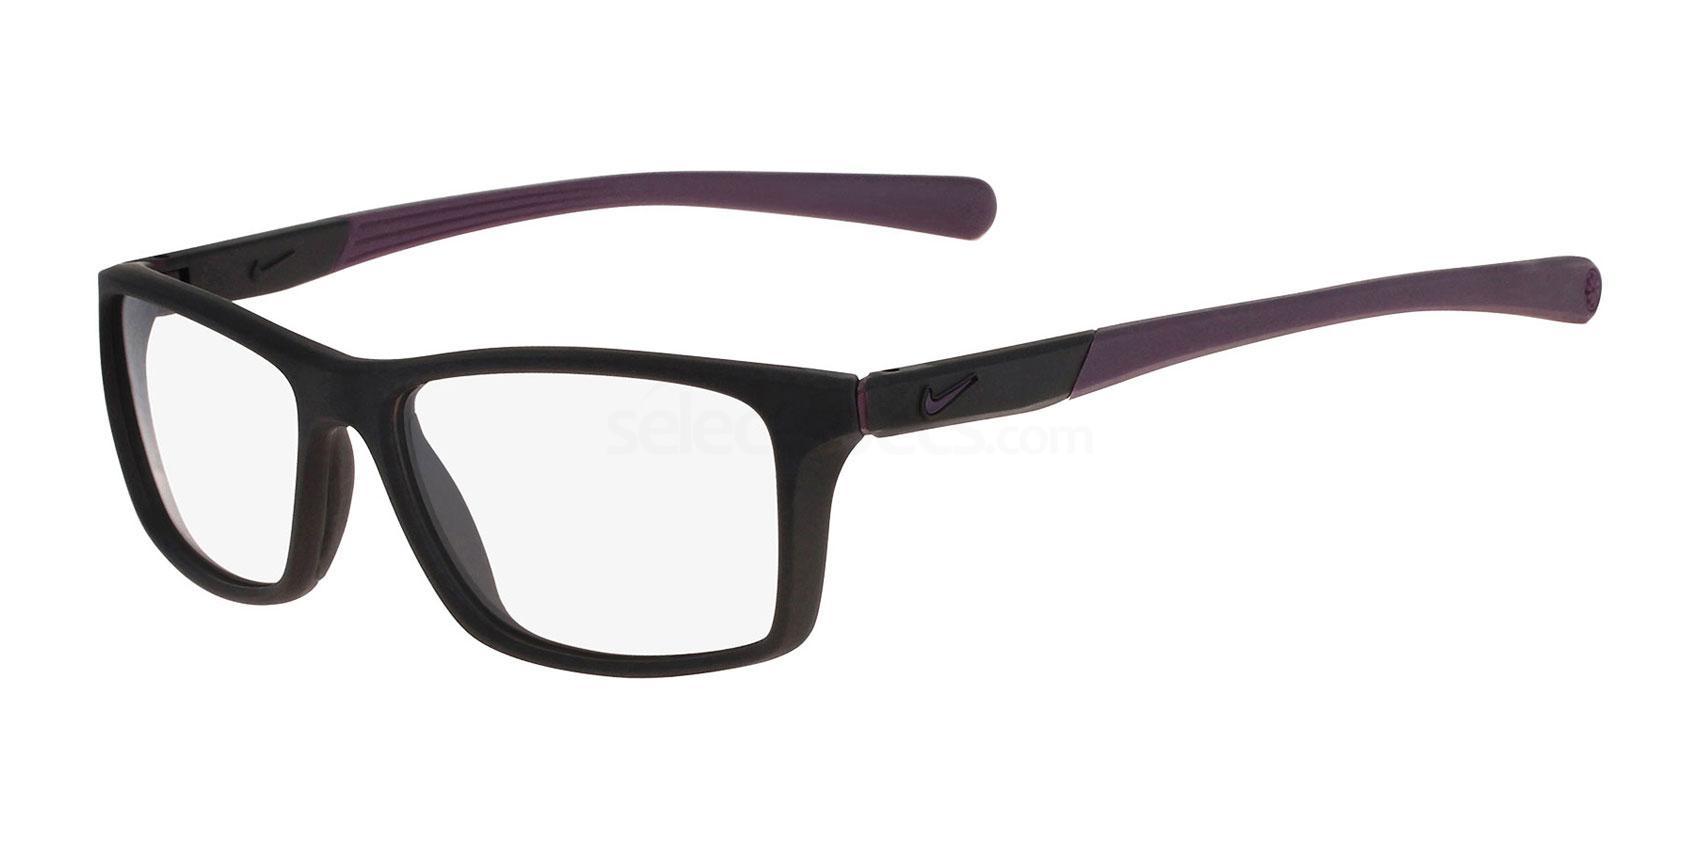 007 7087 Glasses, Nike